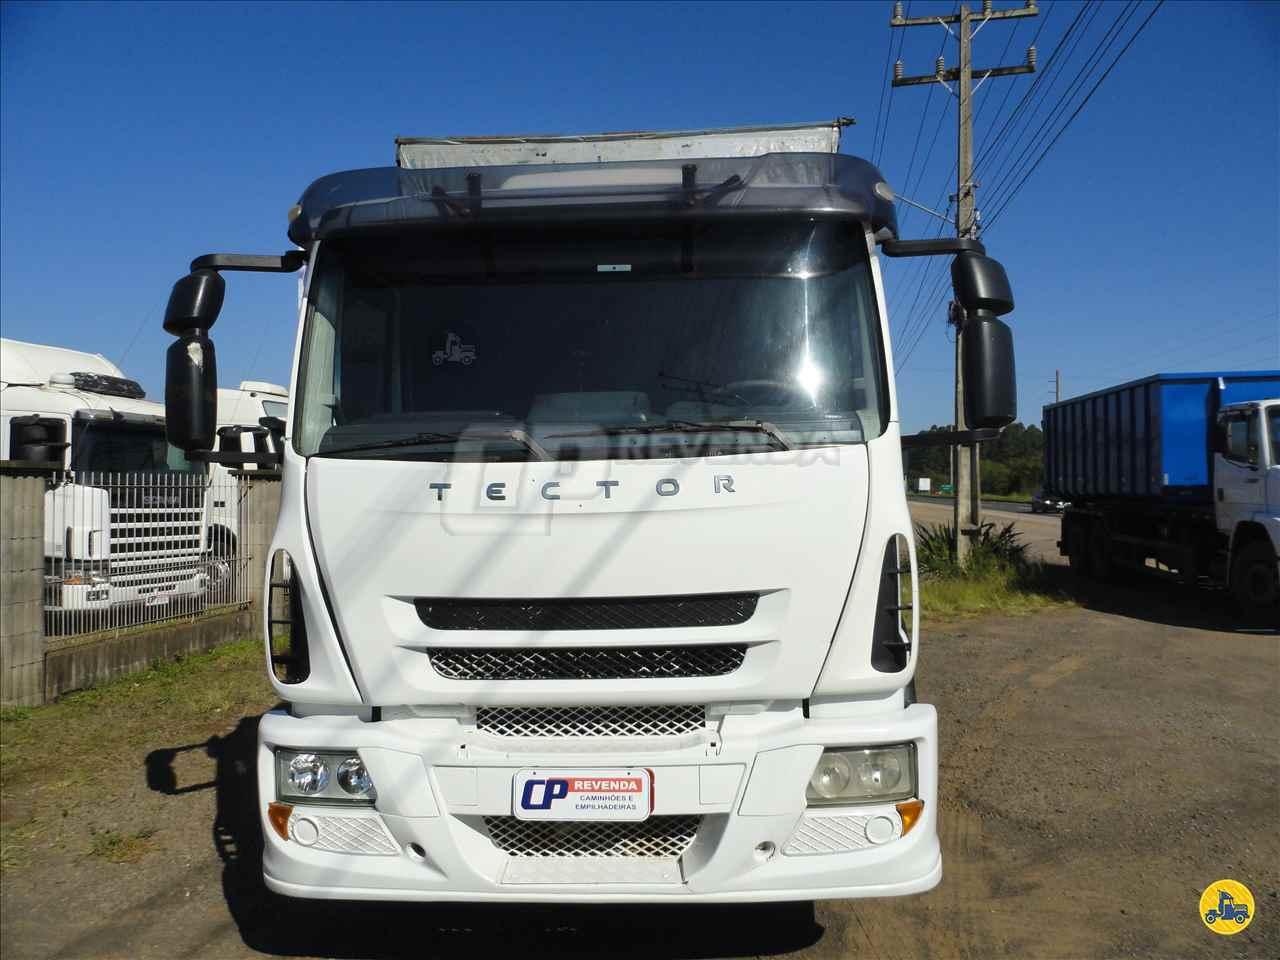 IVECO TECTOR 240E25 640000km 2011/2011 CP Revenda